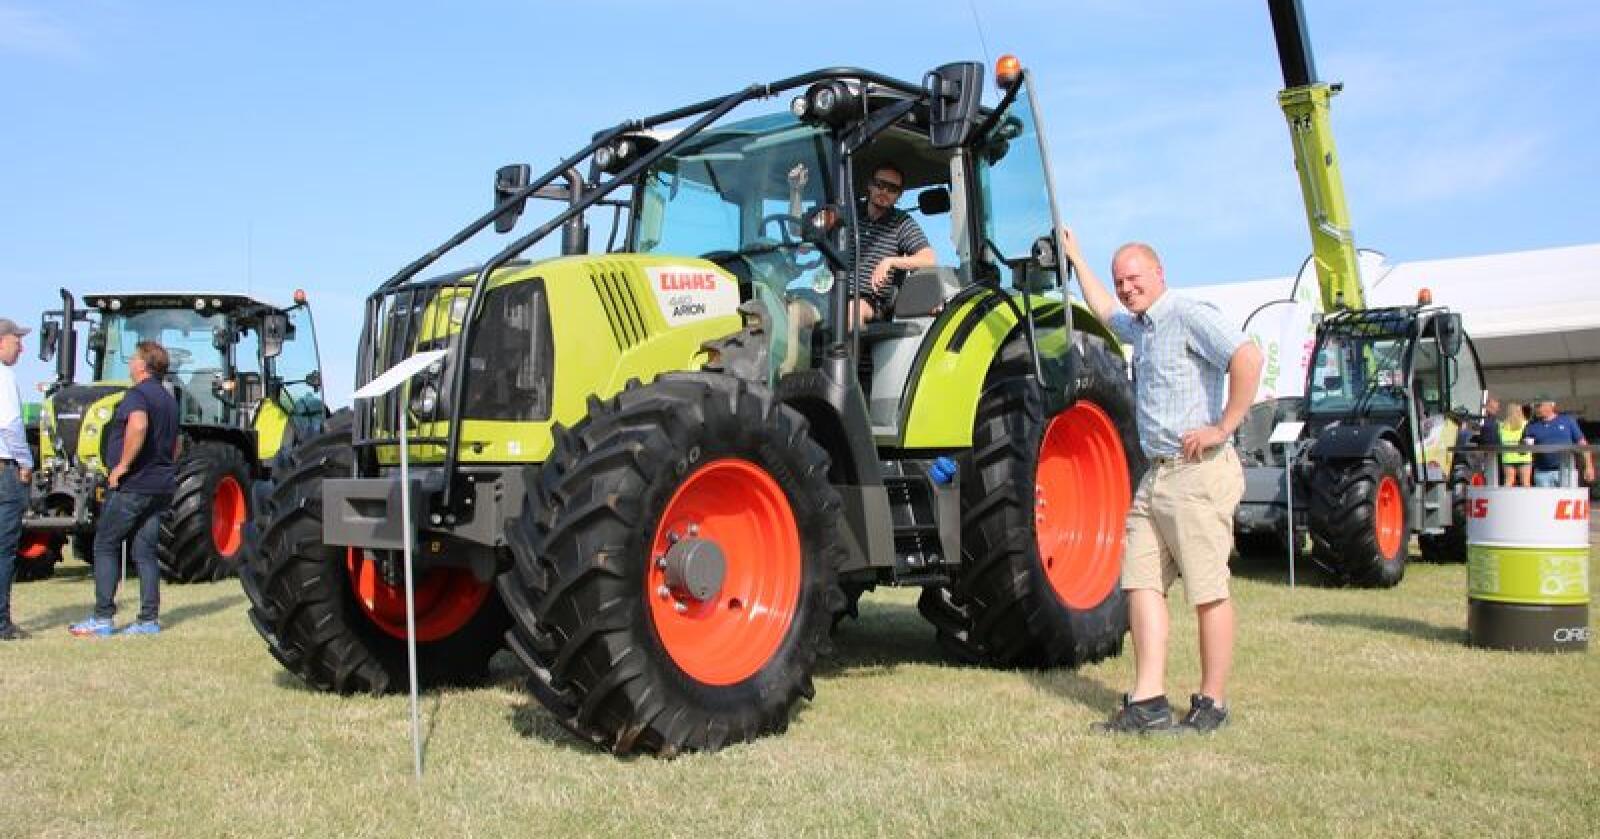 Skogsutrustningen gjør Arion til en allsidig traktor på gårder med kombinert jord- og skogsdrift. Traktoren høsta stor oppmerksomhet, også blant de norske deltakerne ved Borgeby Fältdagar. (Foto: Lars Raaen)